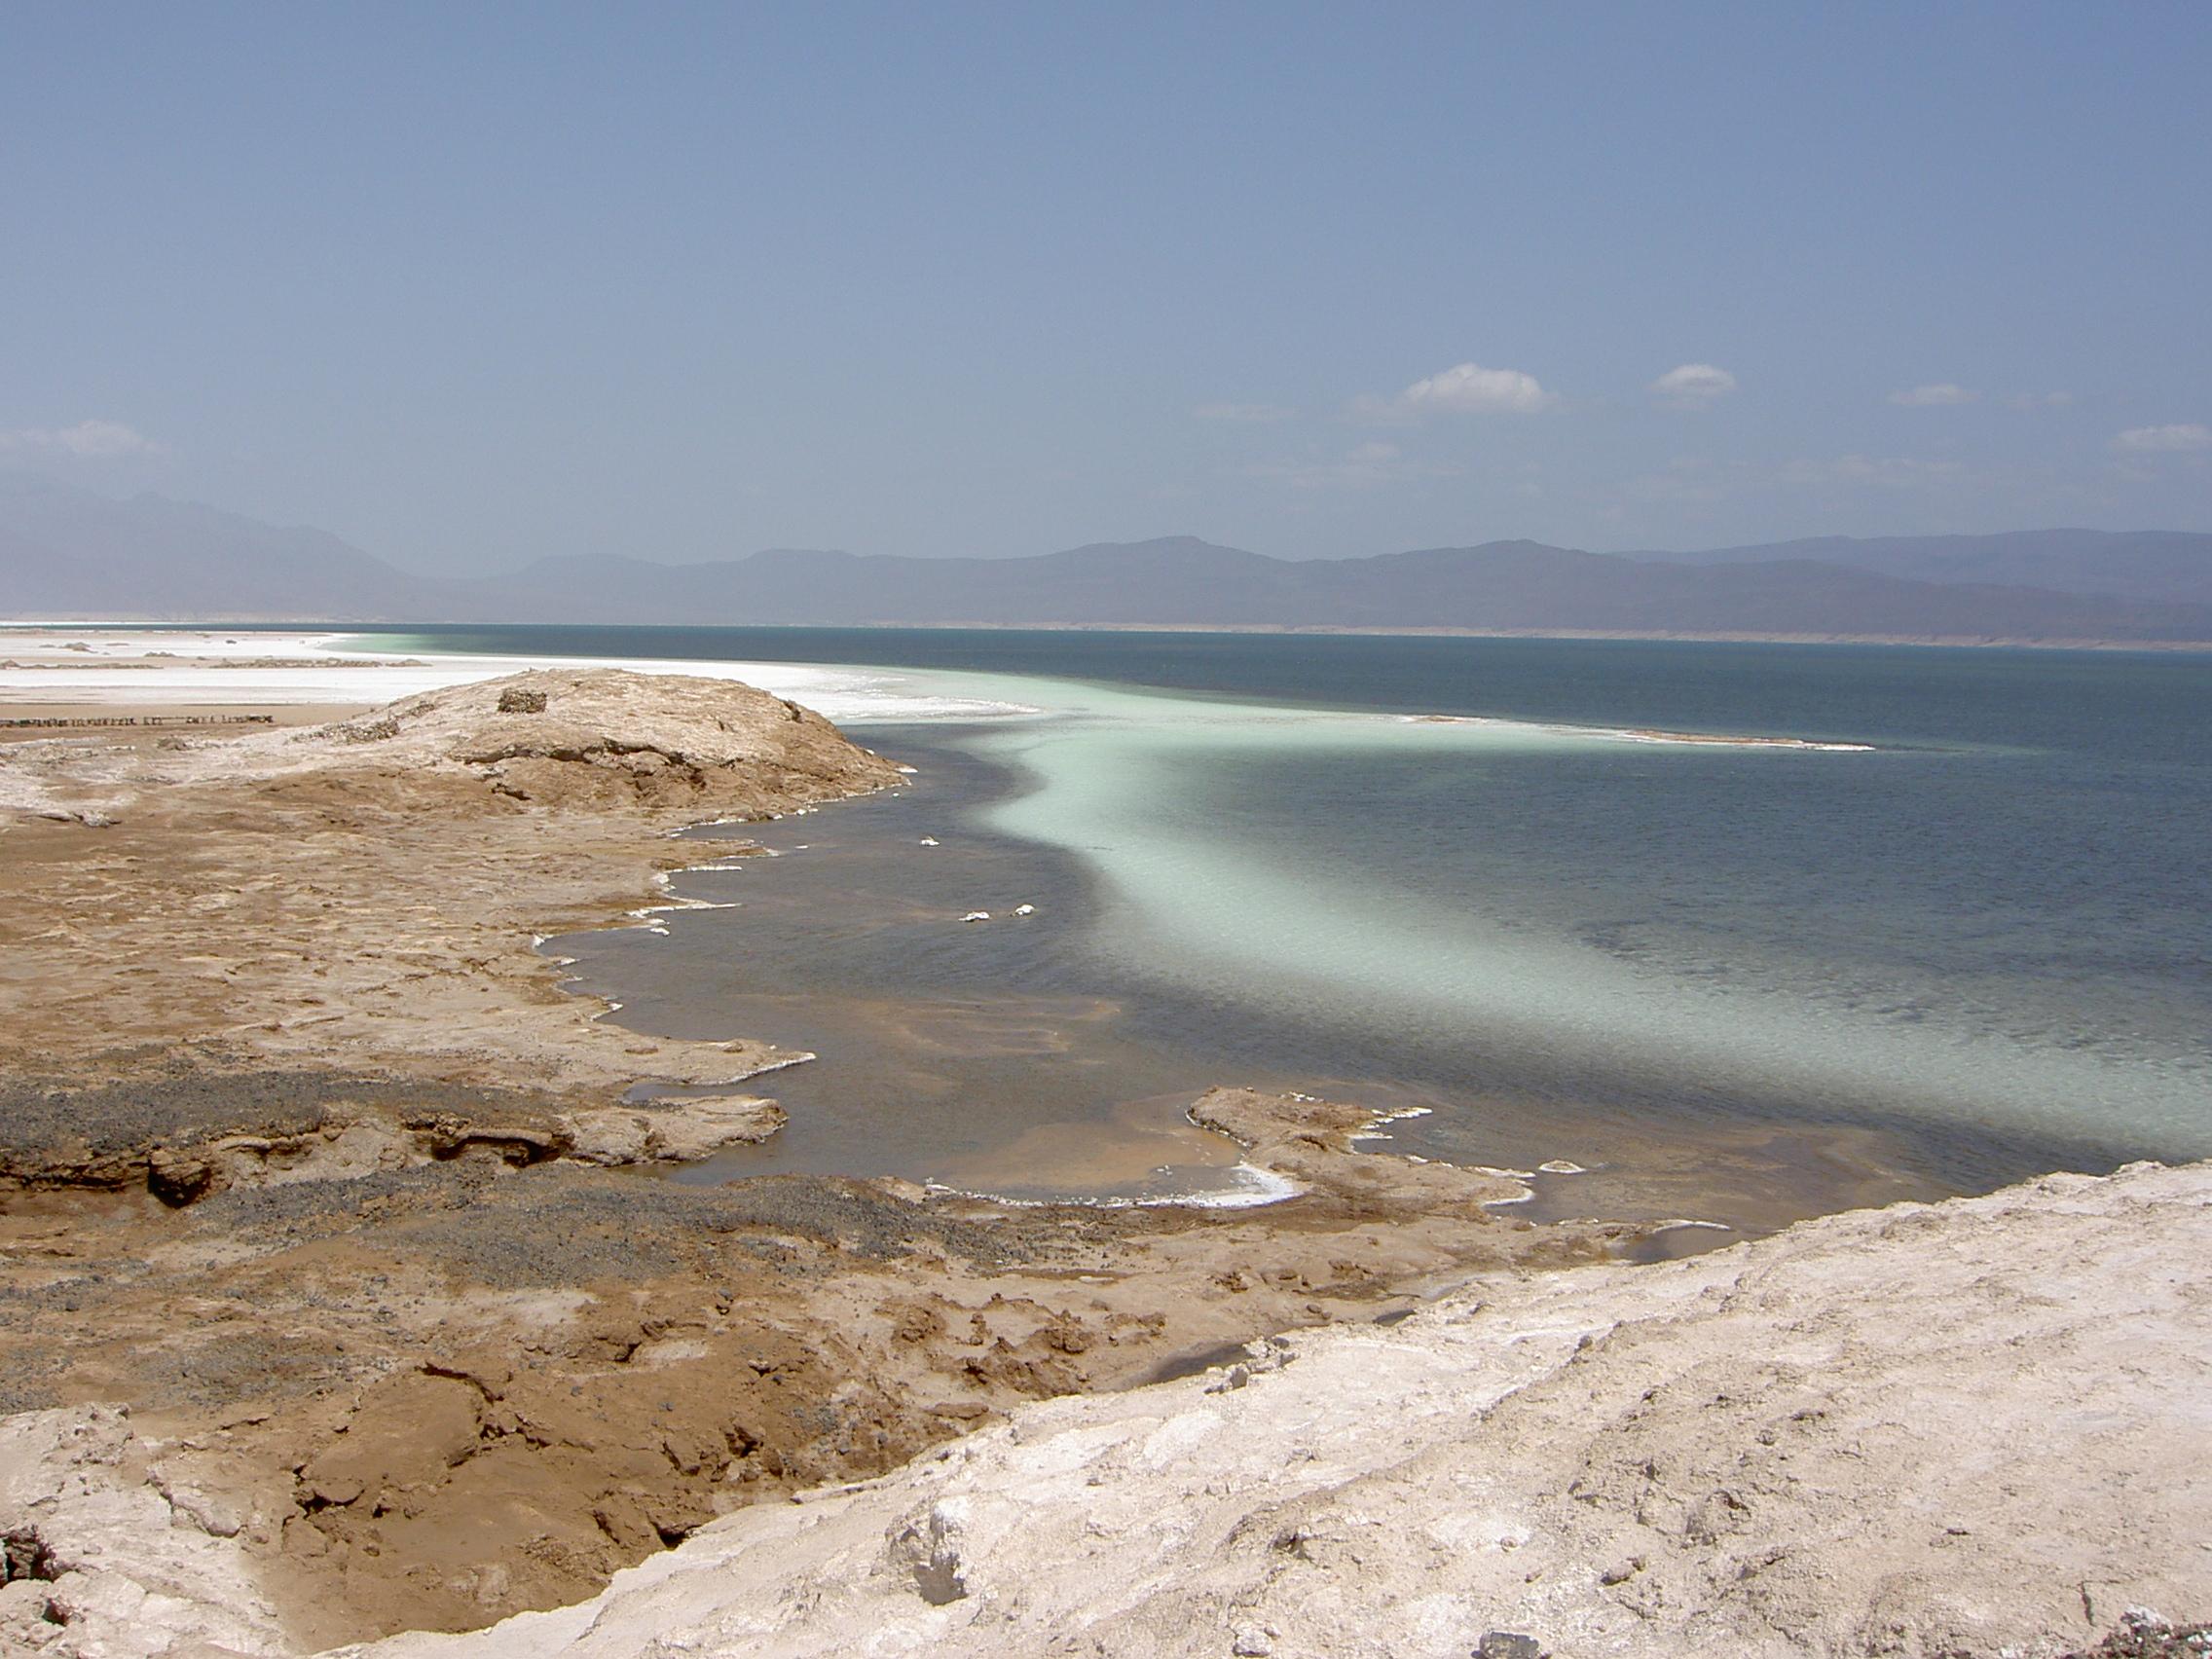 Lake Assal Djibouti Wikipedia